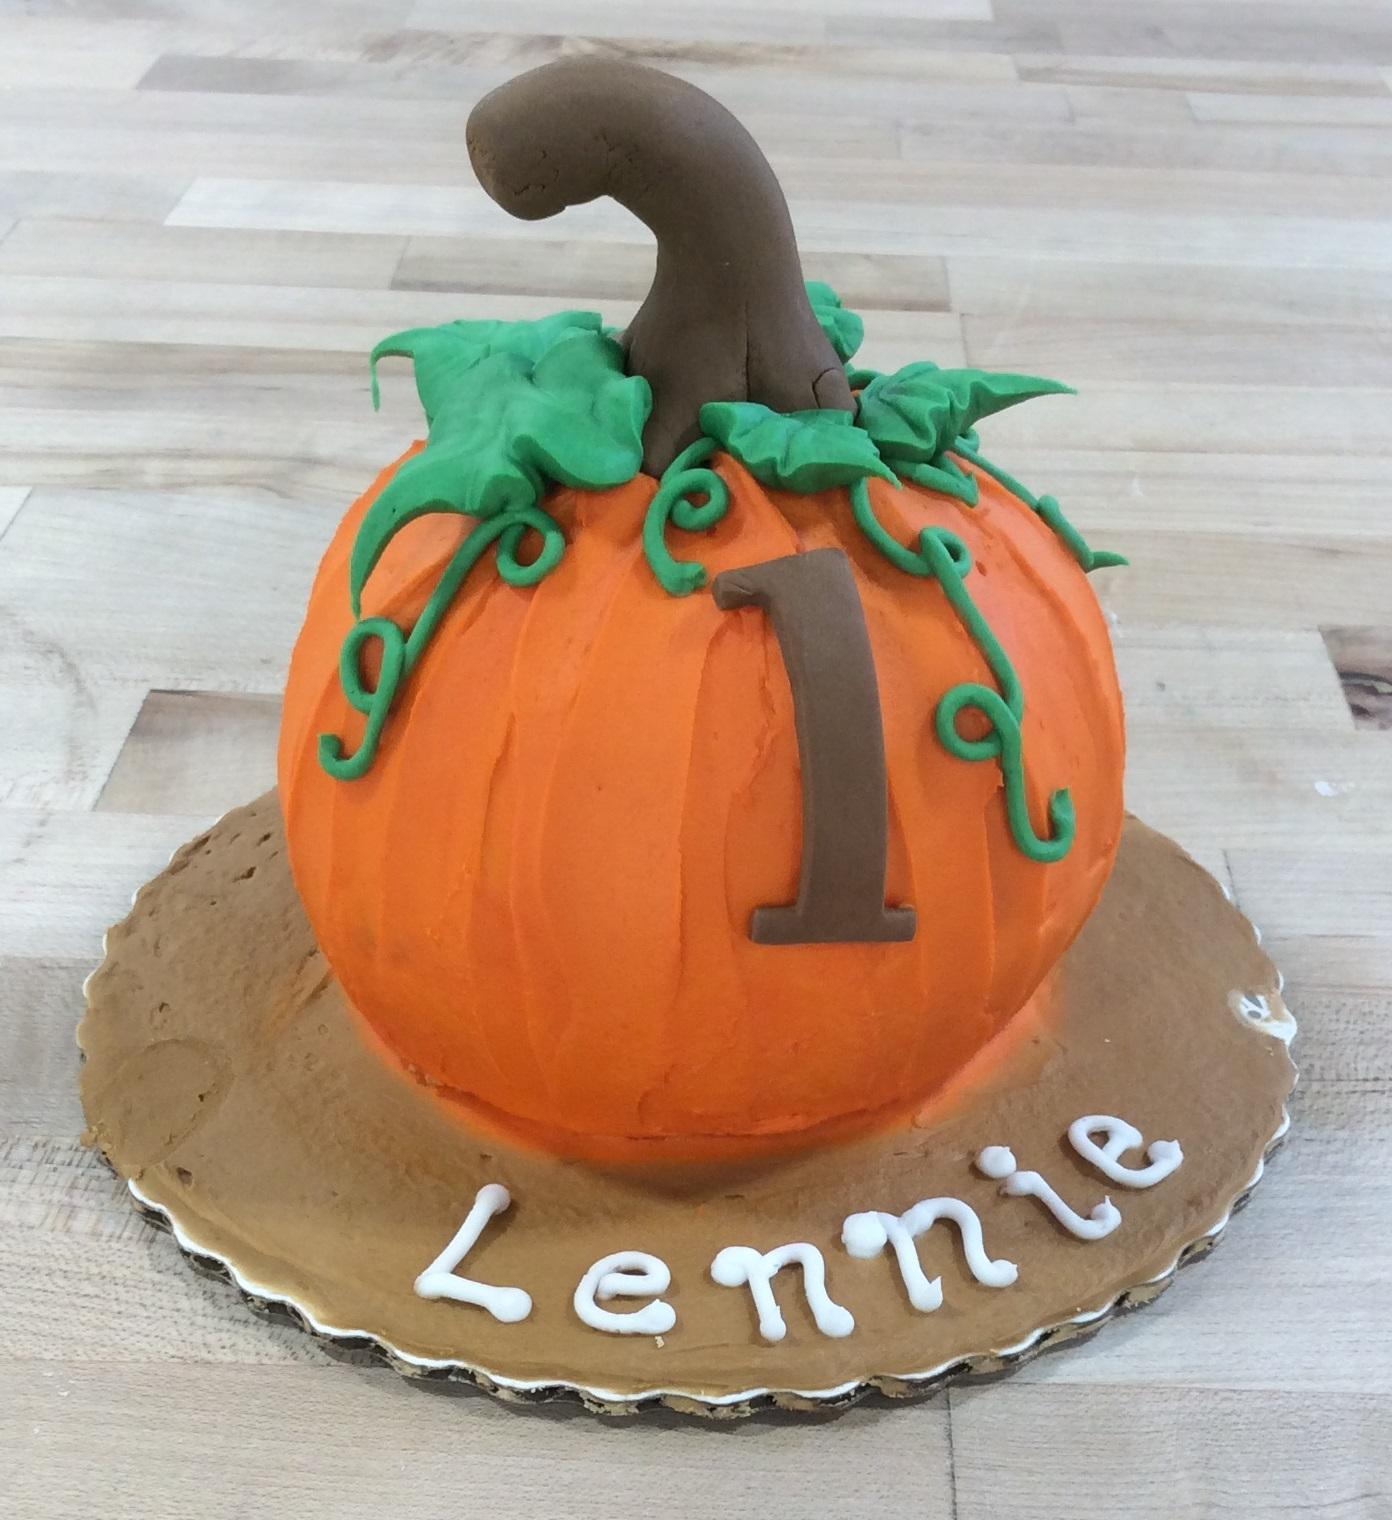 Pumpkin Smash Cake: Trefzger's Bakery